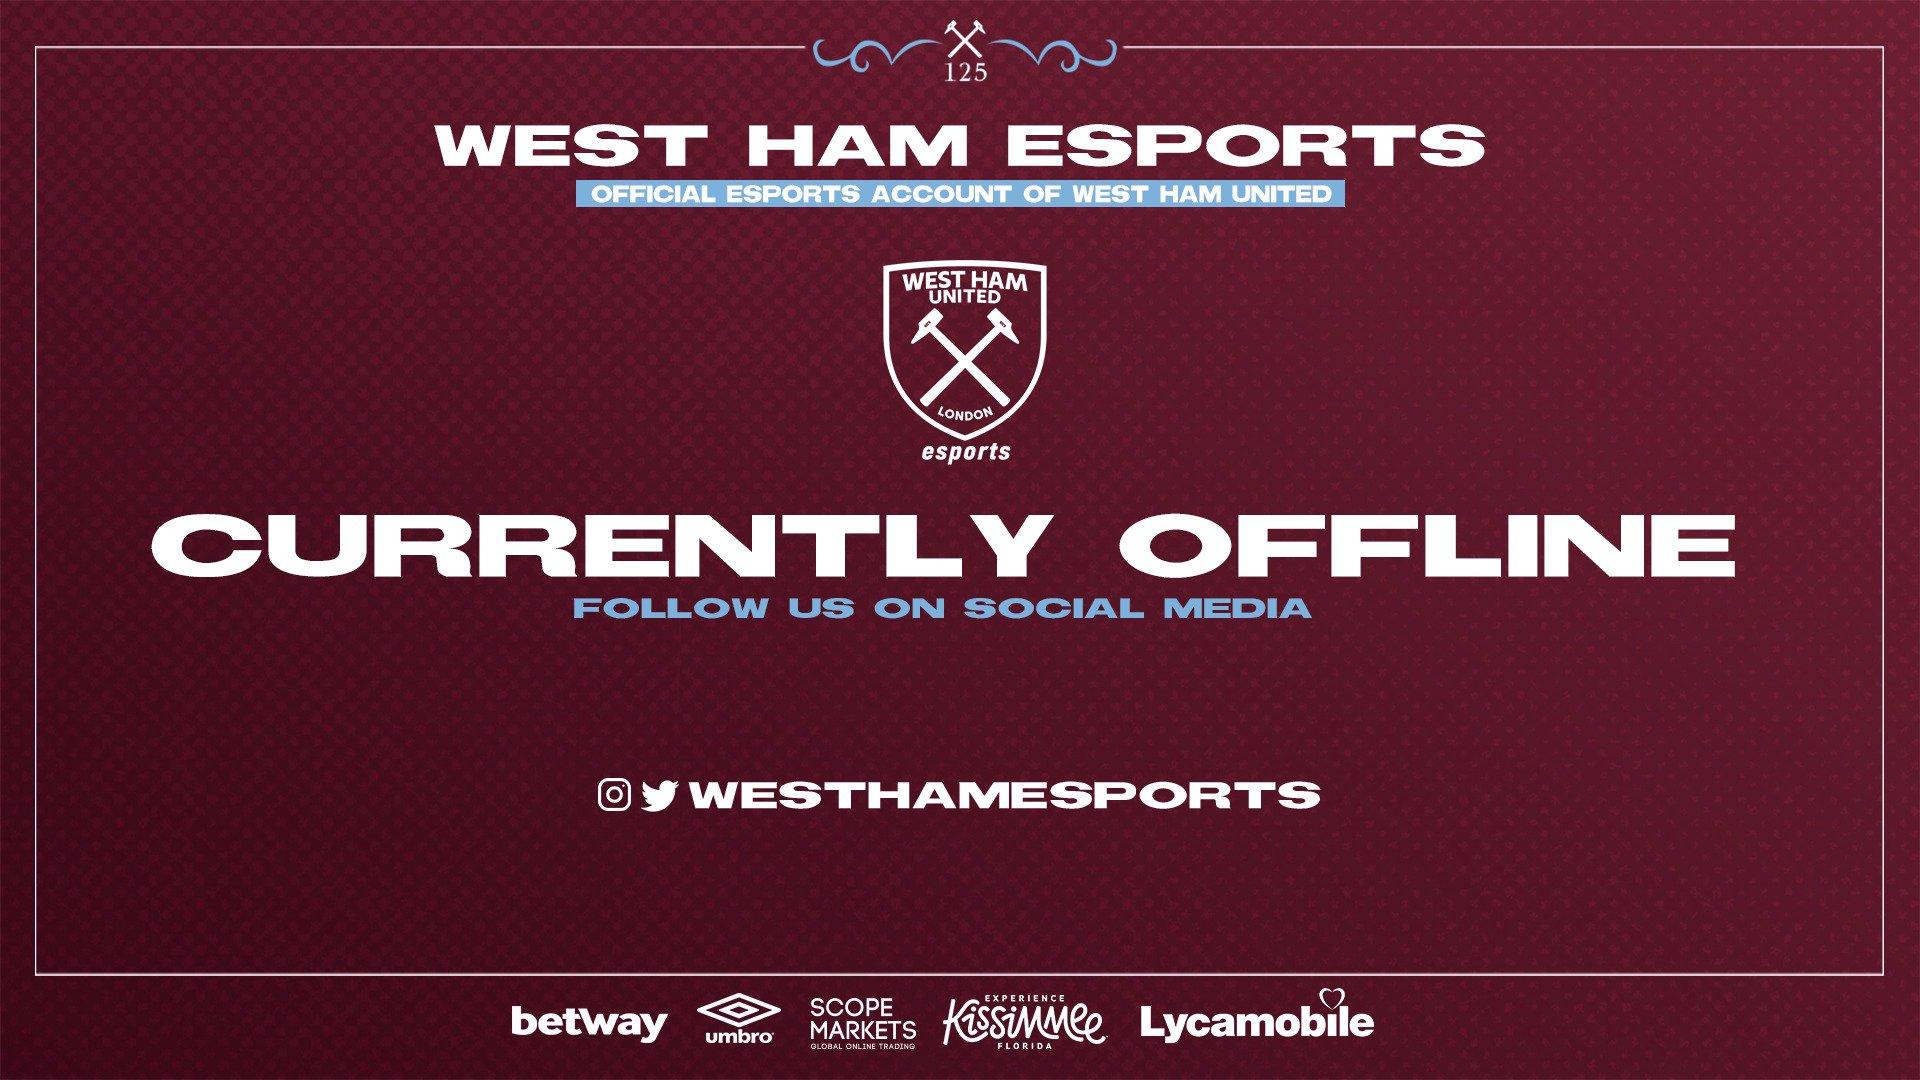 WestHamEsports